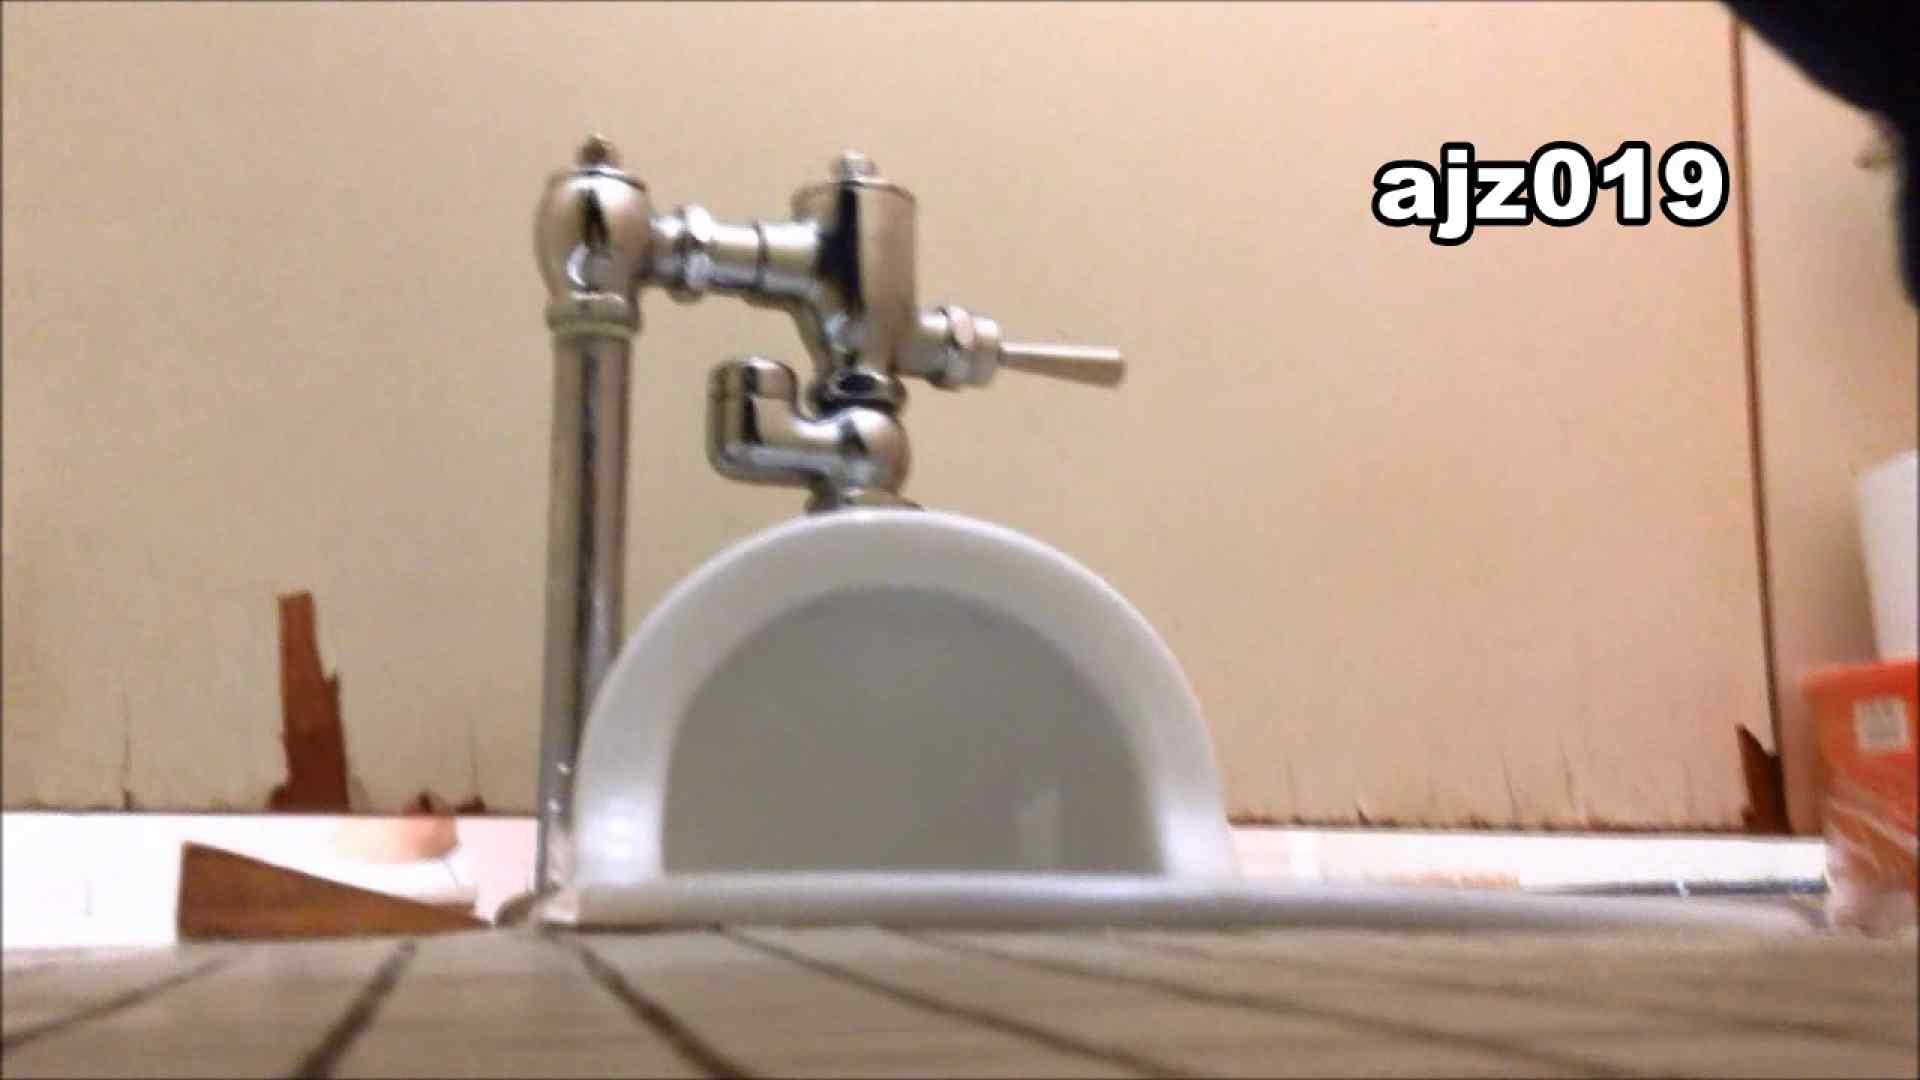 某有名大学女性洗面所 vol.19 OLエロ画像 のぞきエロ無料画像 109PICs 90